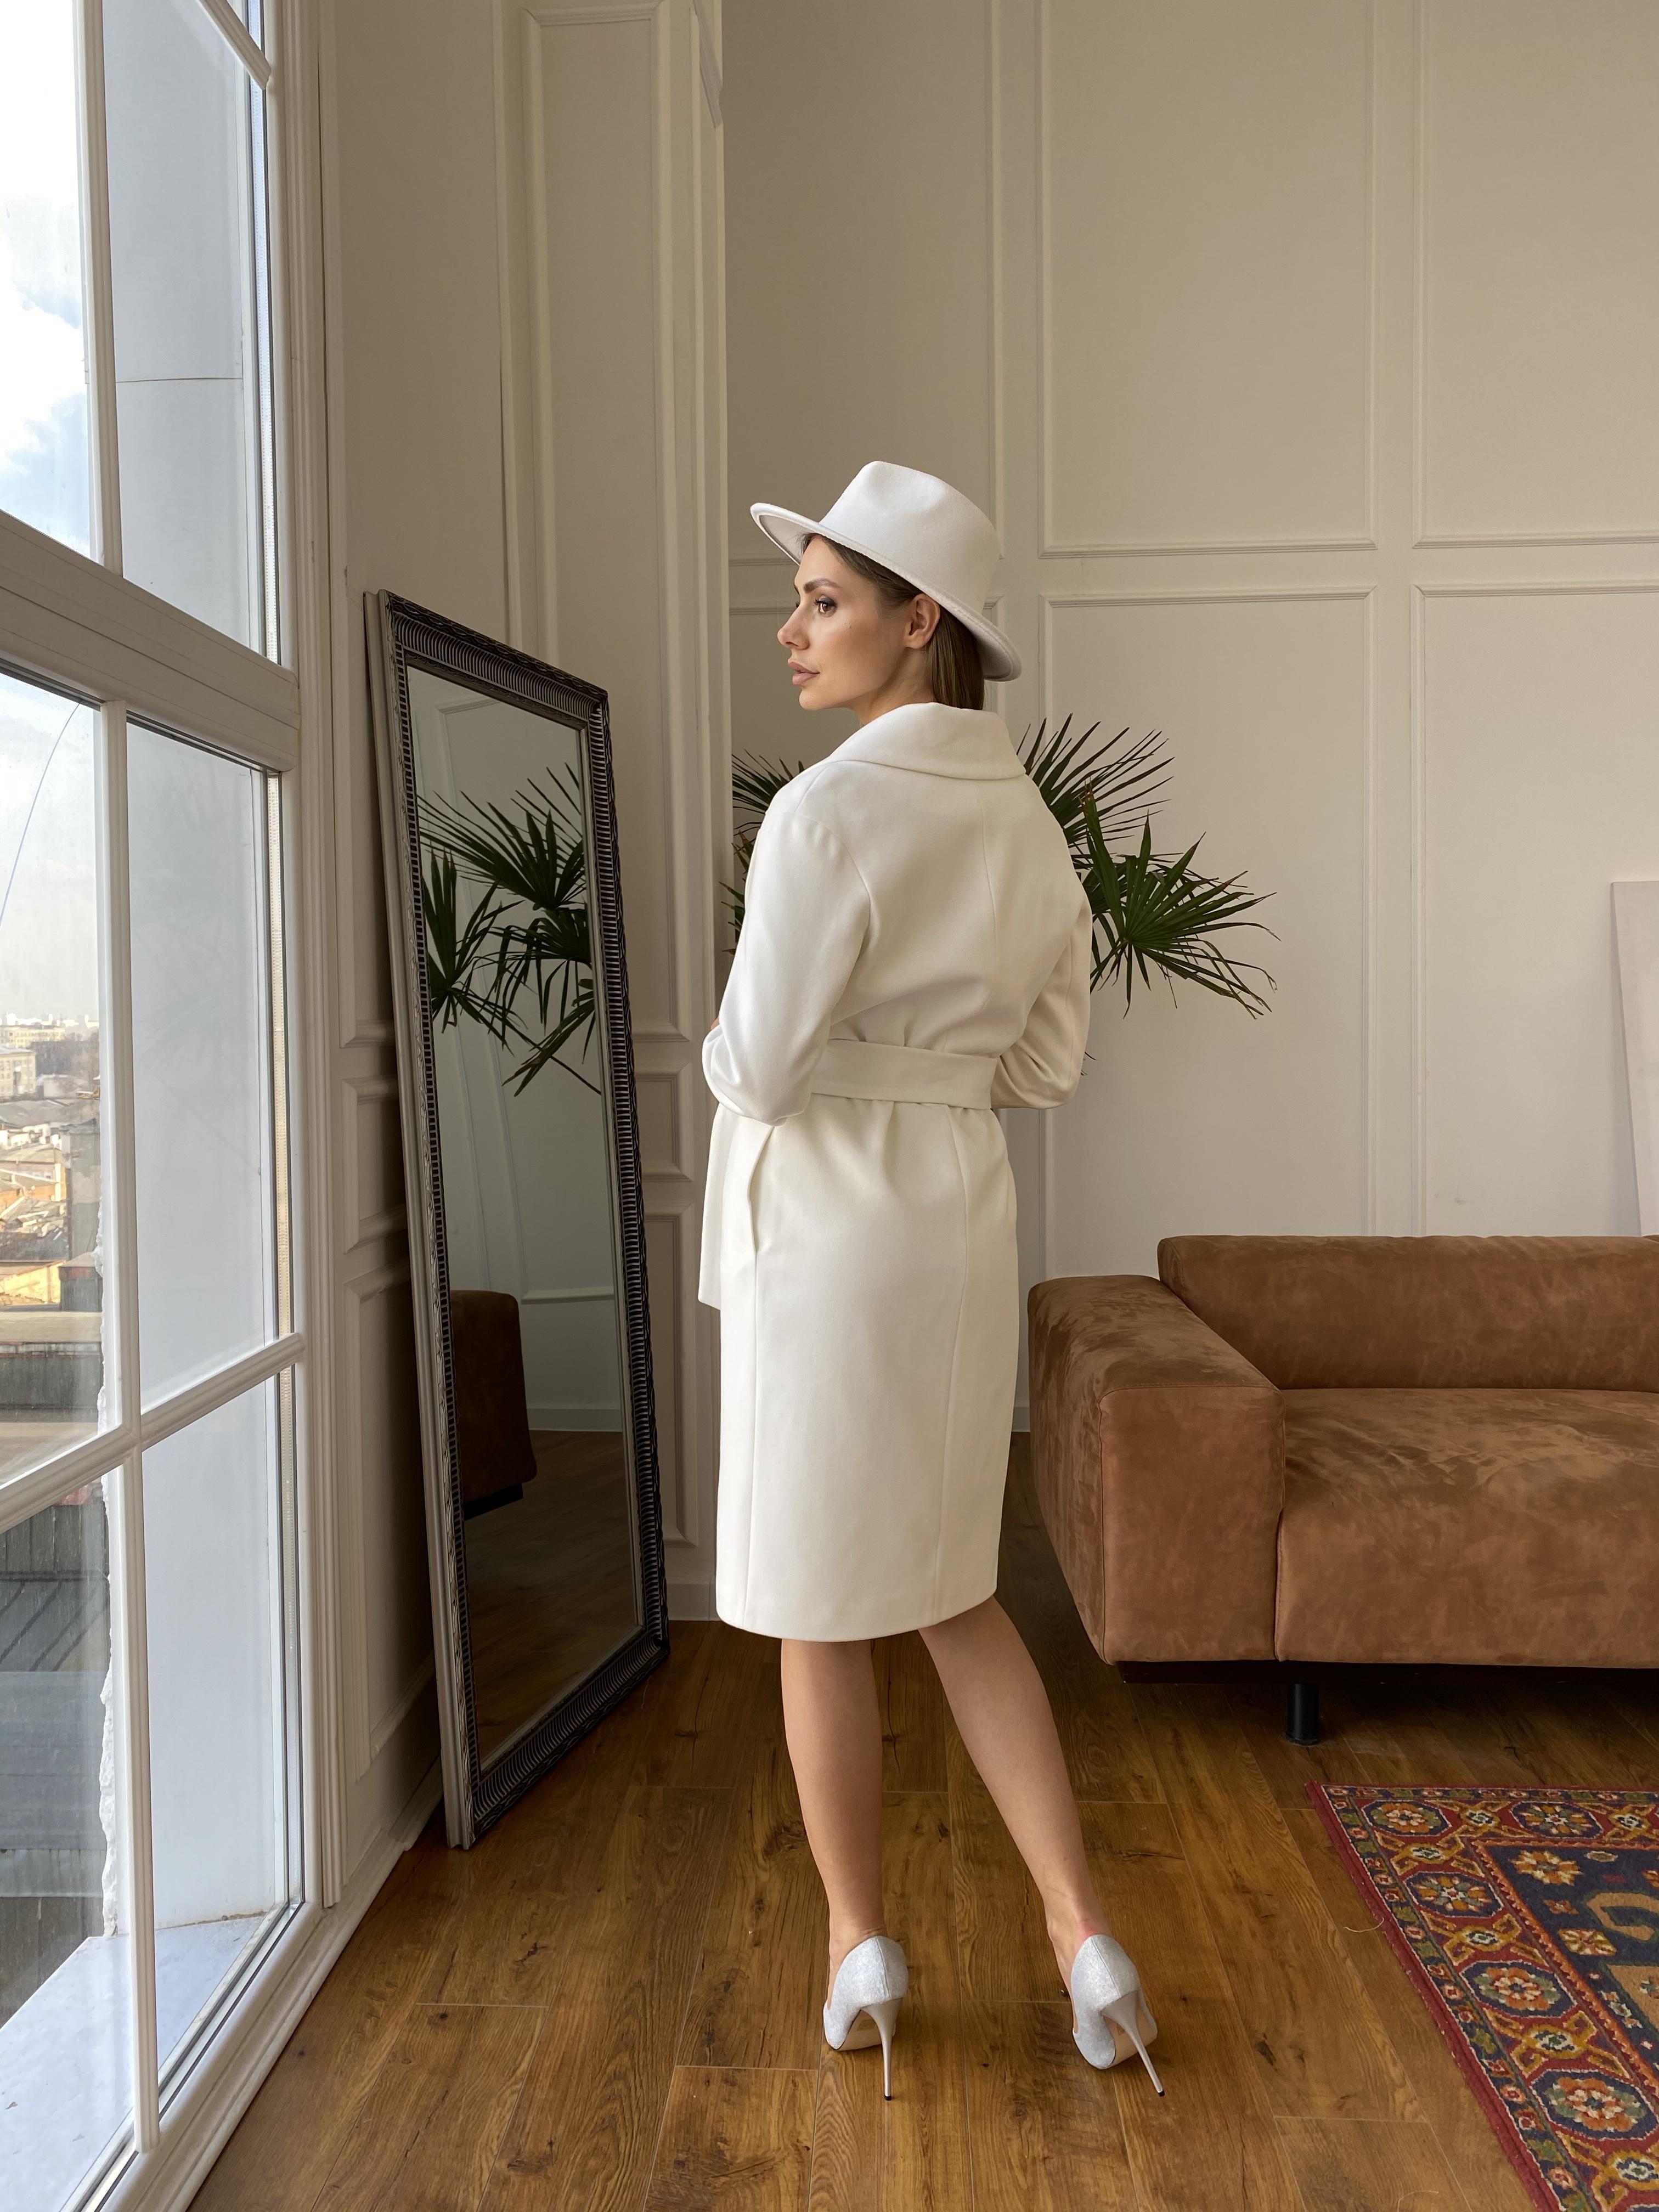 Севен пальто из гладкого кашемира 10621 АРТ. 46999 Цвет: Молоко - фото 5, интернет магазин tm-modus.ru